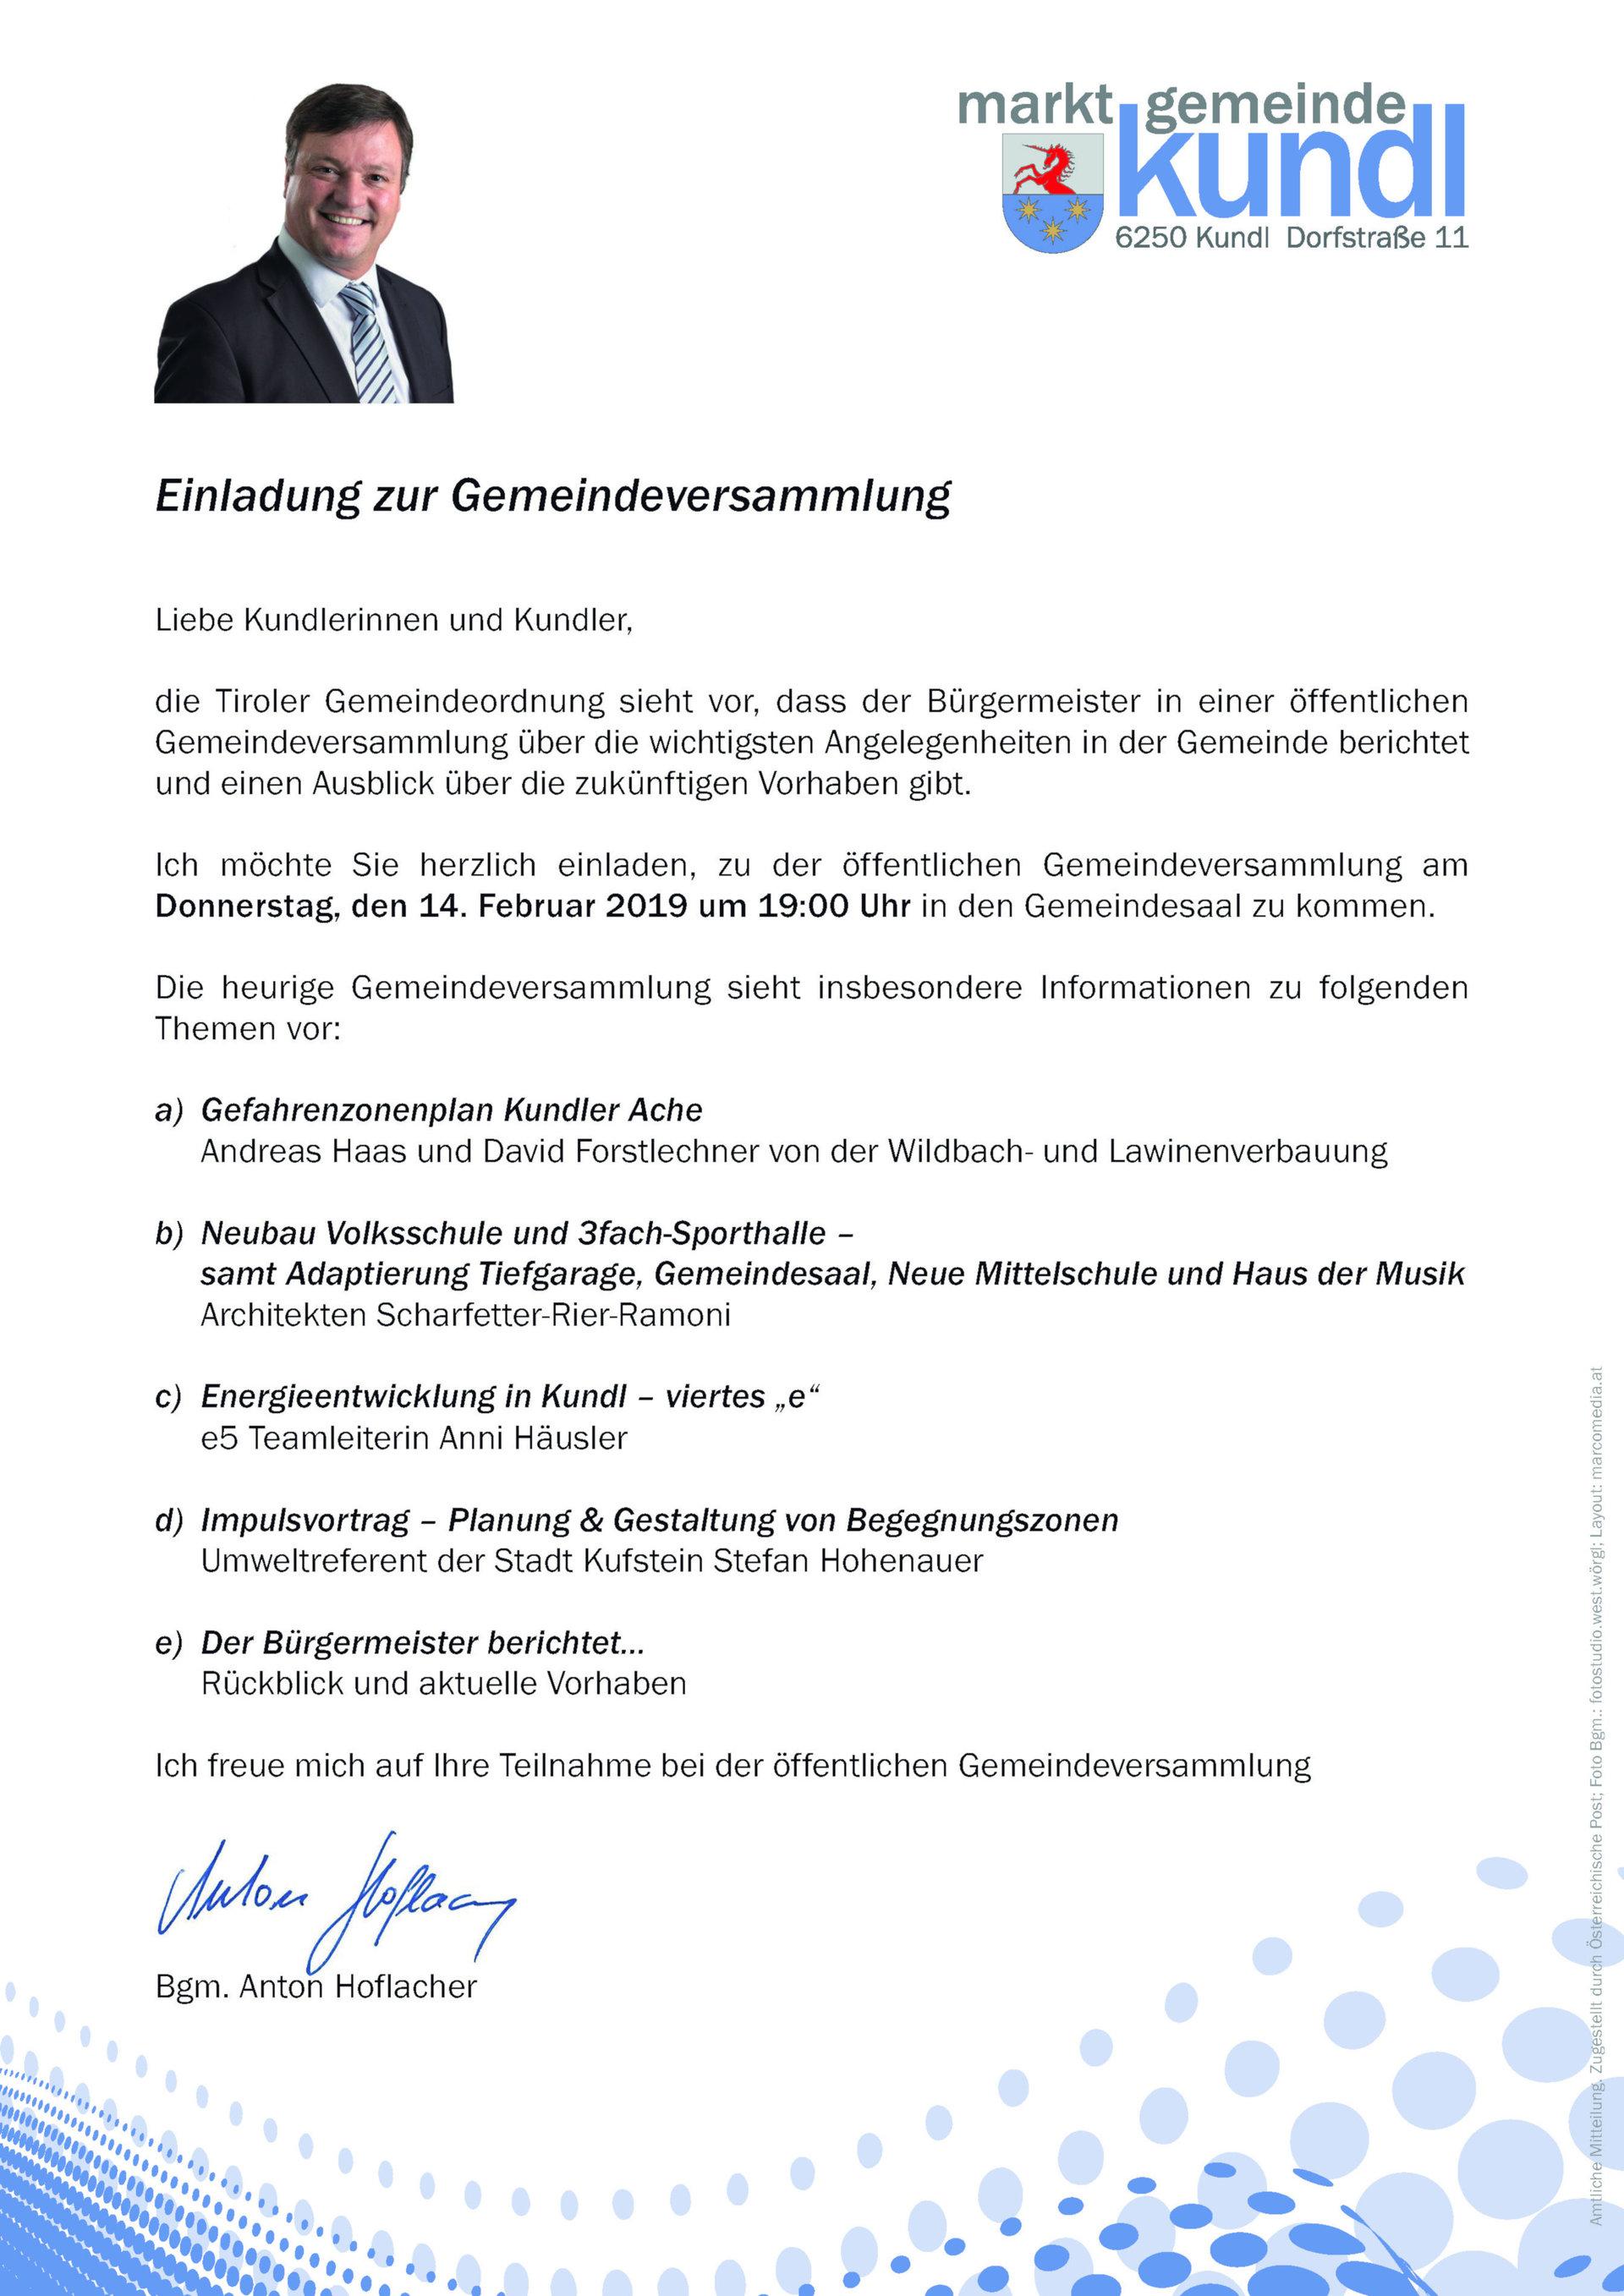 Öffentliche Gemeindeversammlung_Einladung und Tagesordnung